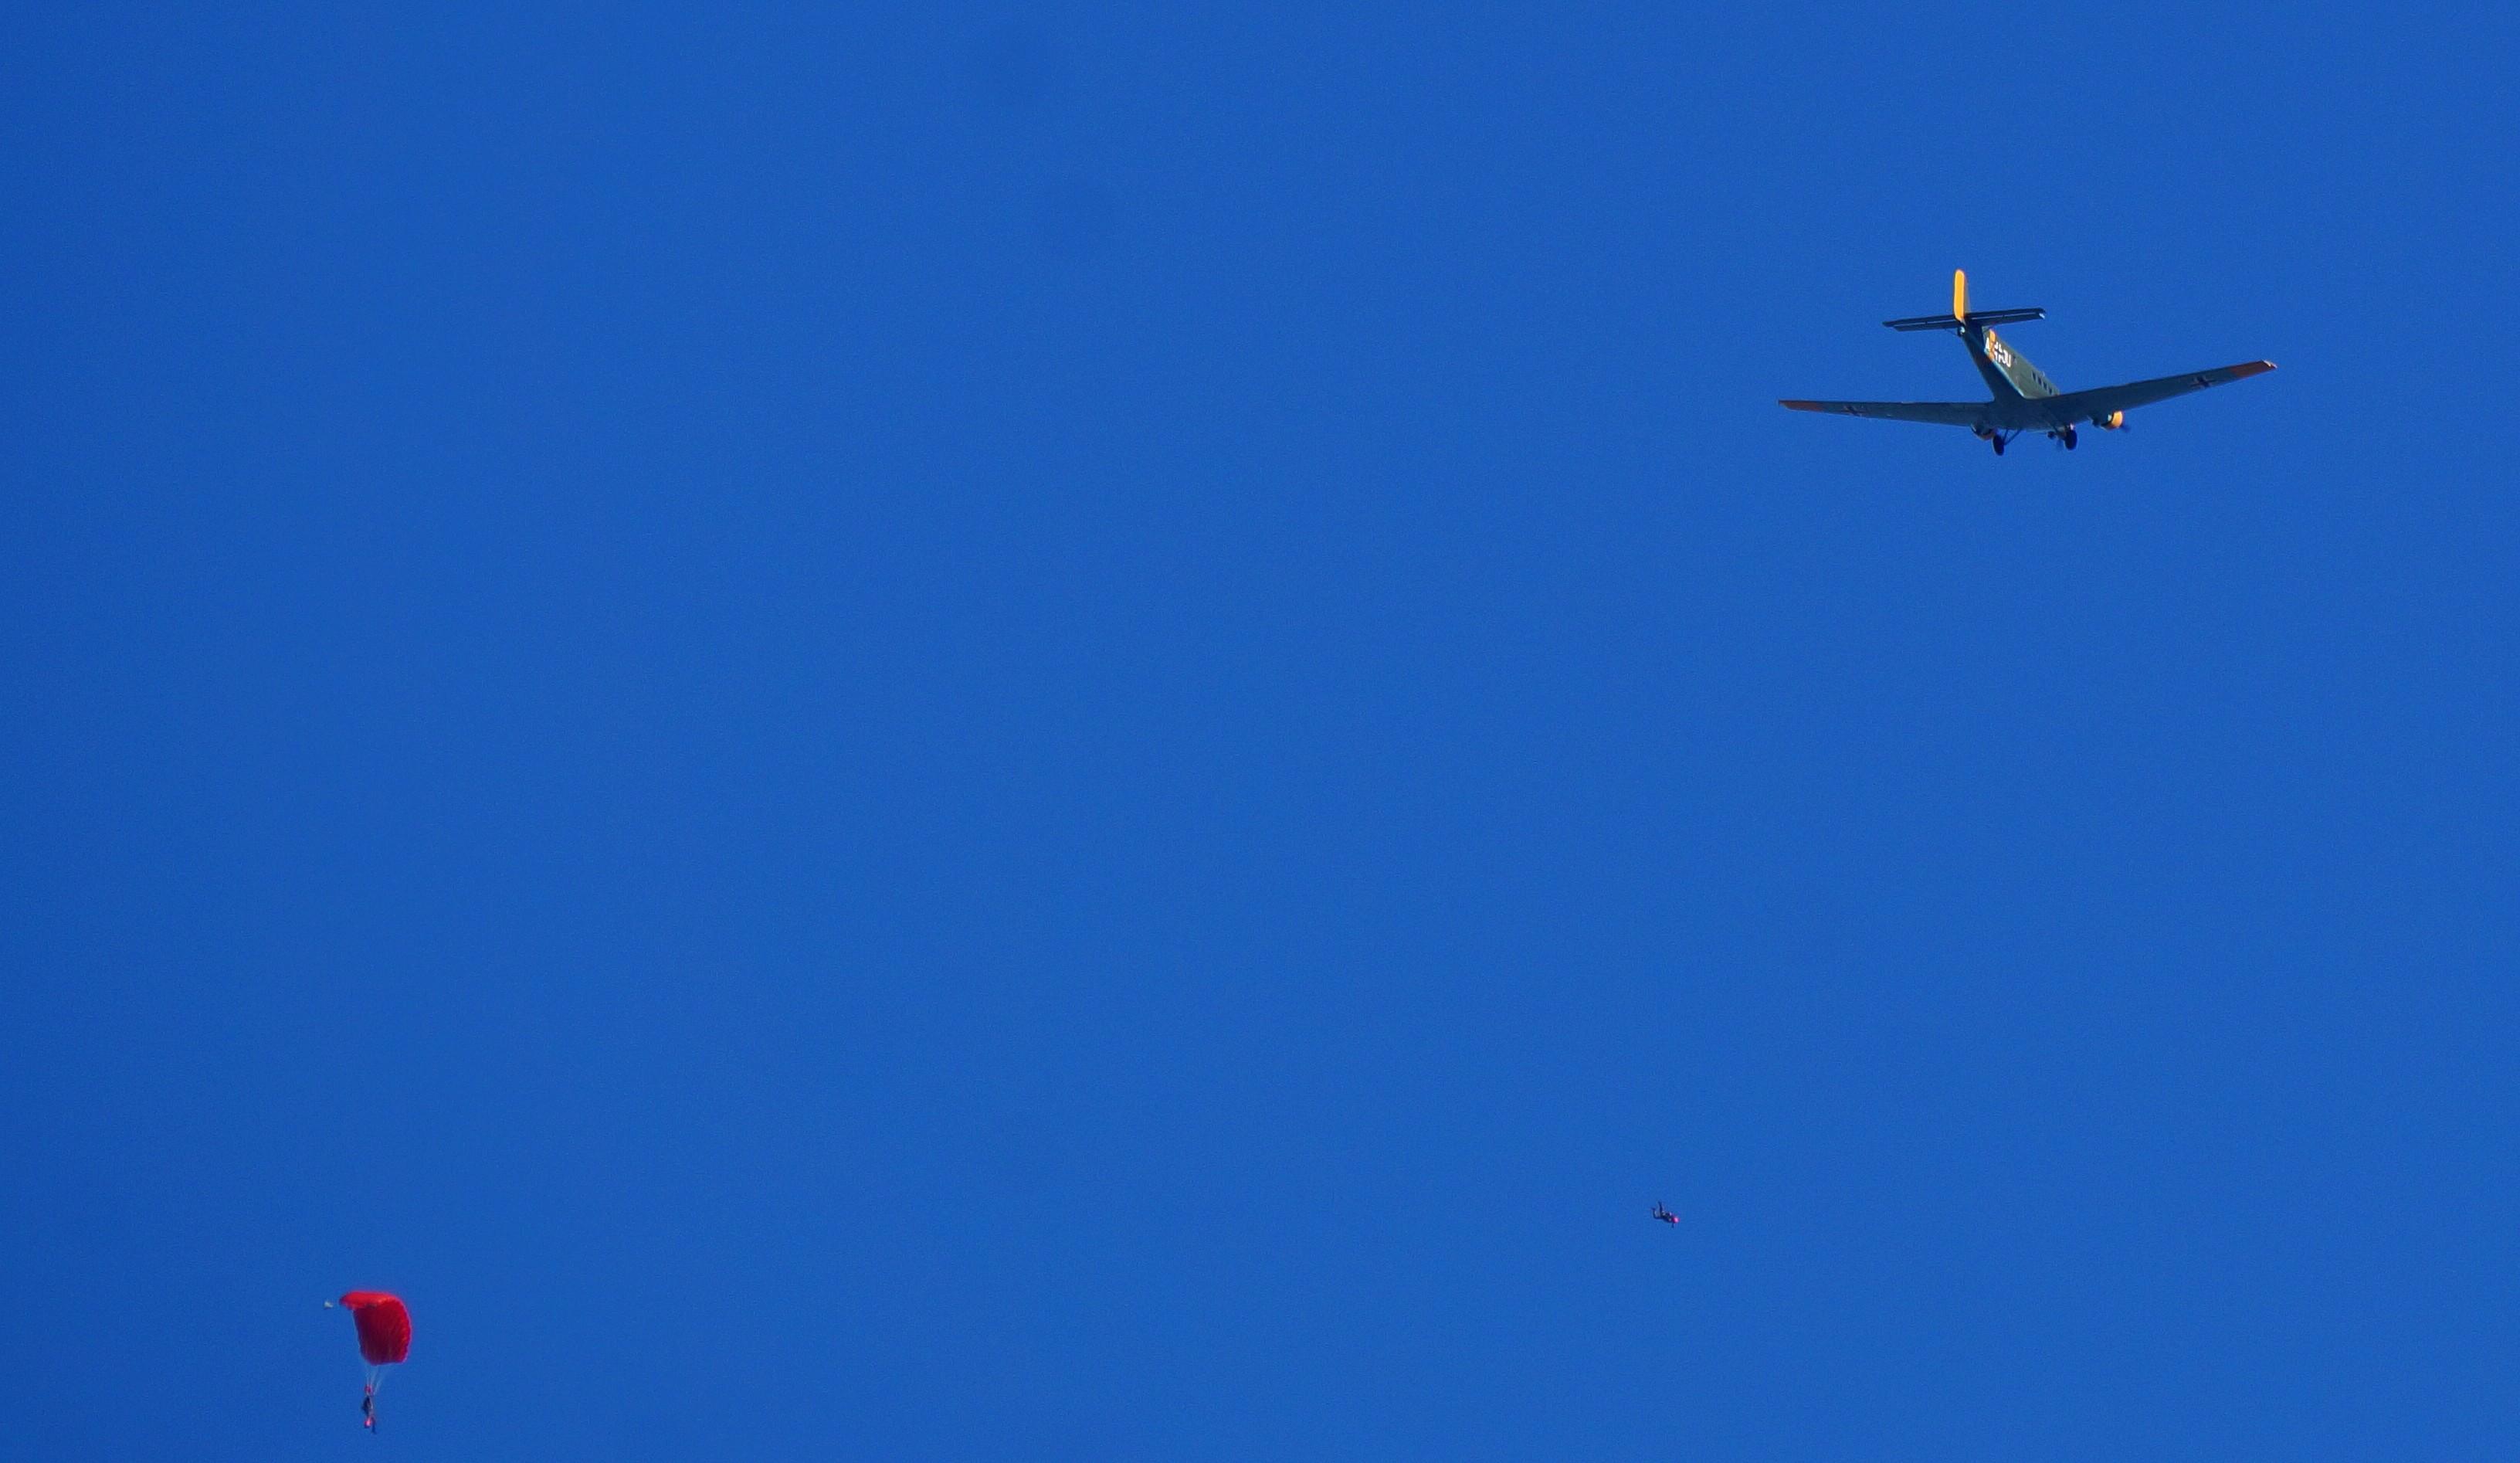 [Aéronavale divers] C'est quoi cet avion ? 191754avionallemand4